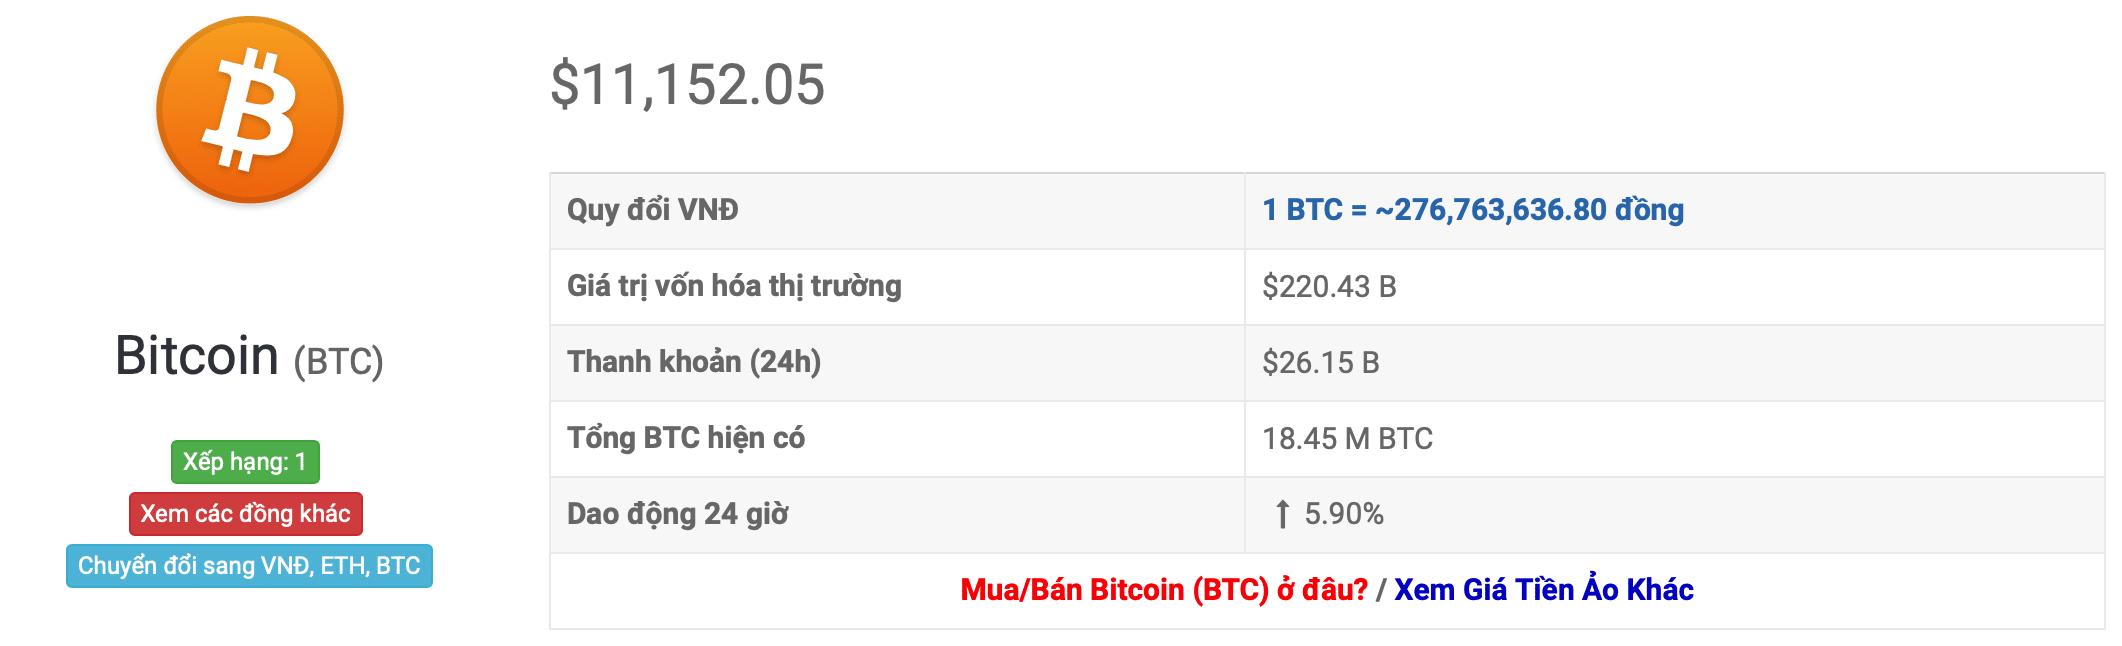 Bitcoin wisselkoers vandaag